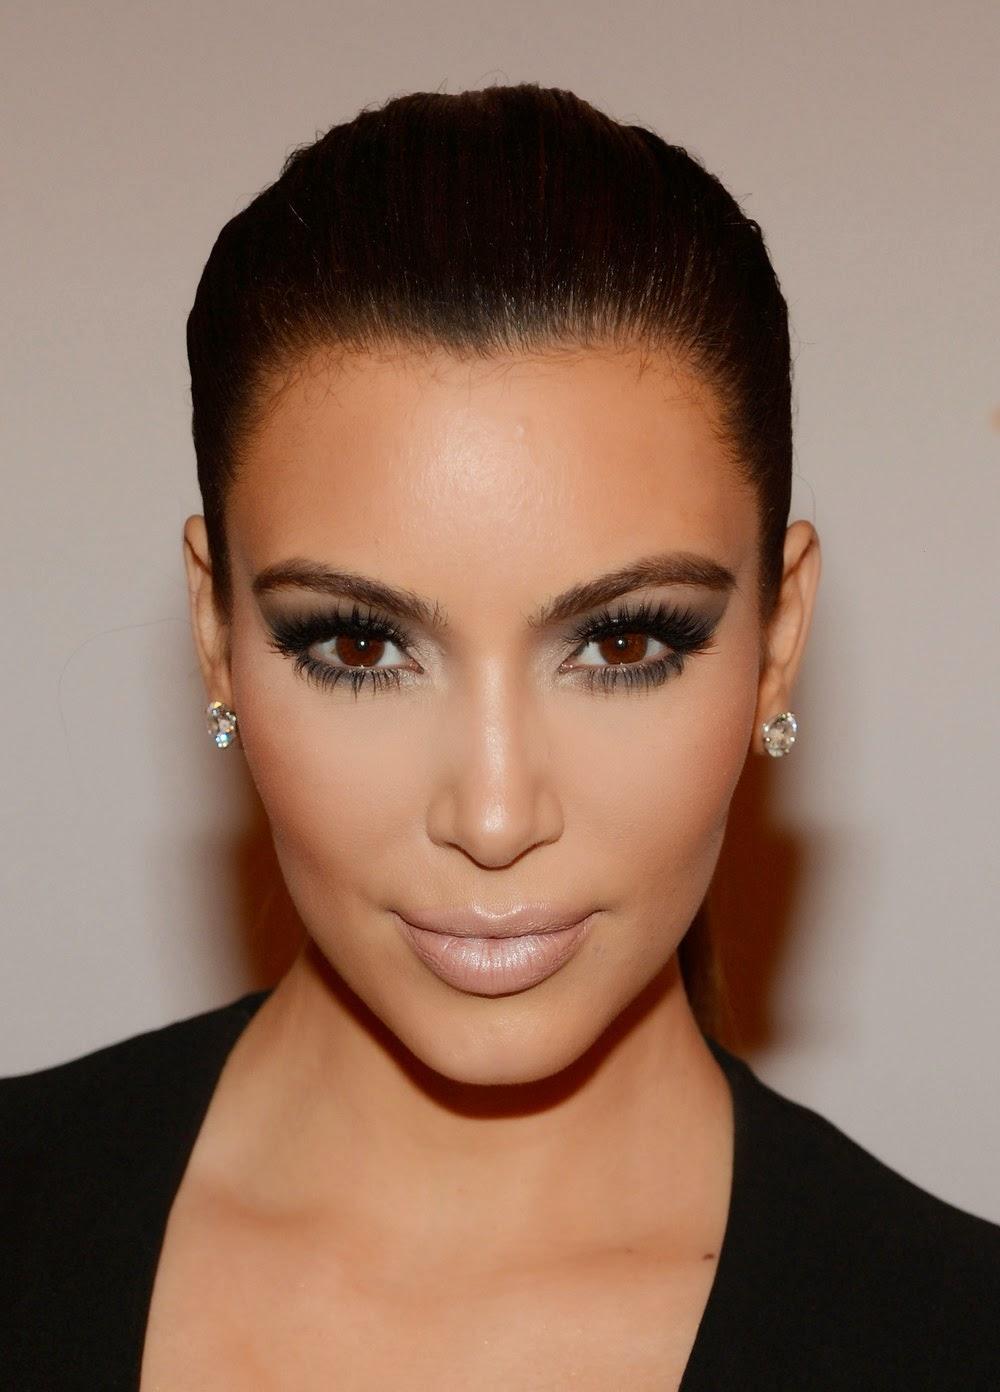 kim-kardashian-son-secret-contouring-183534_w1000